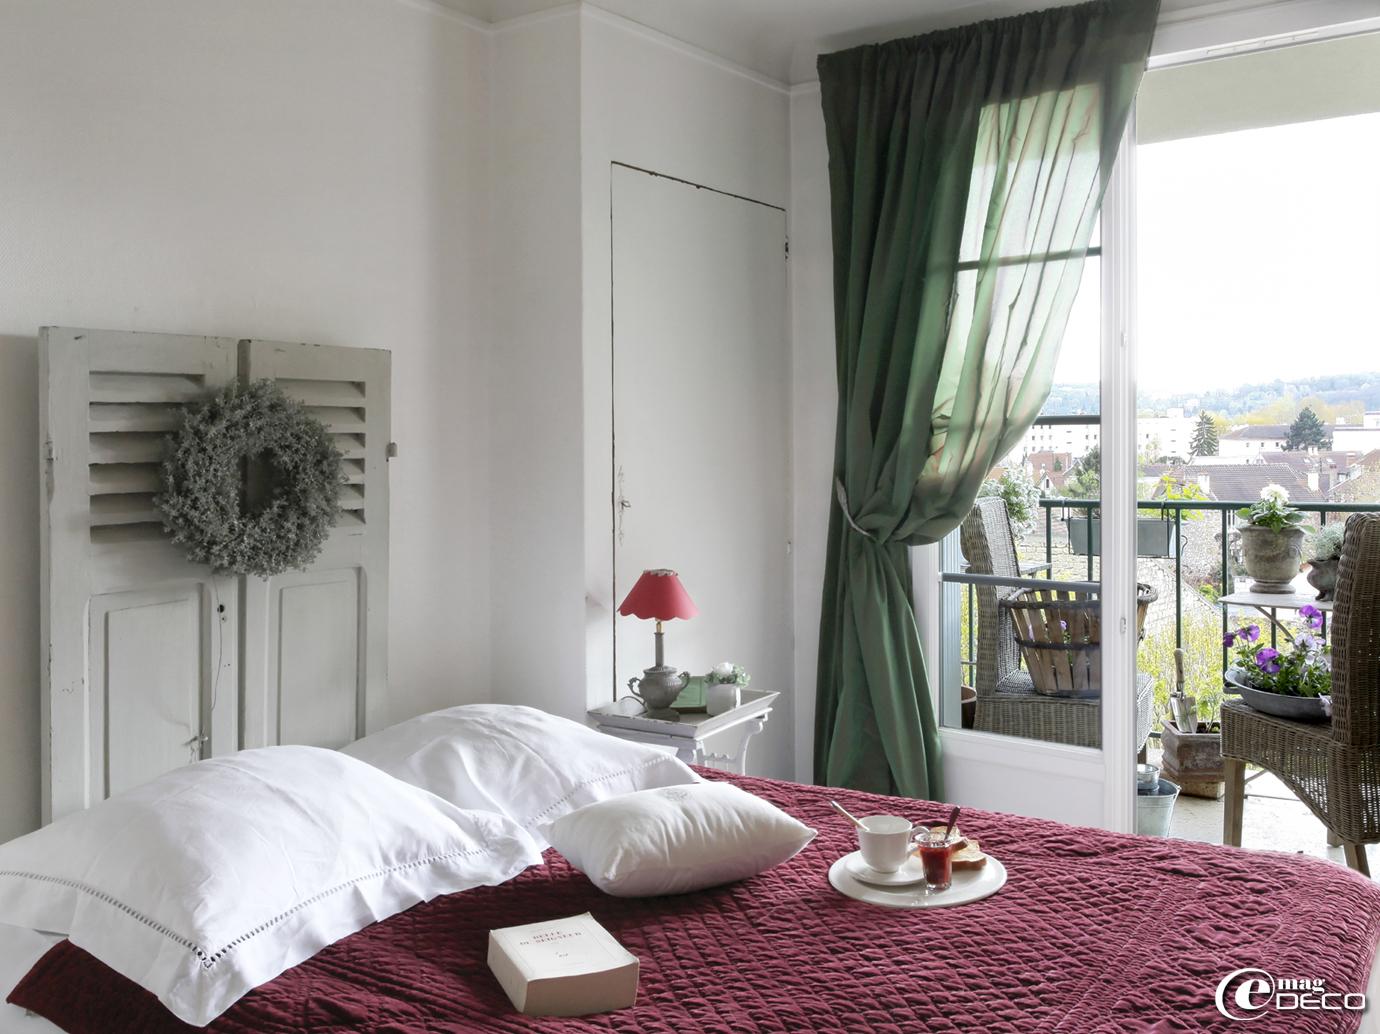 Dans une chambre, des persiennes décorées d'une couronne végétale se détournent en tête de lit, vaisselle et linge de lit 'Côté Bastide'